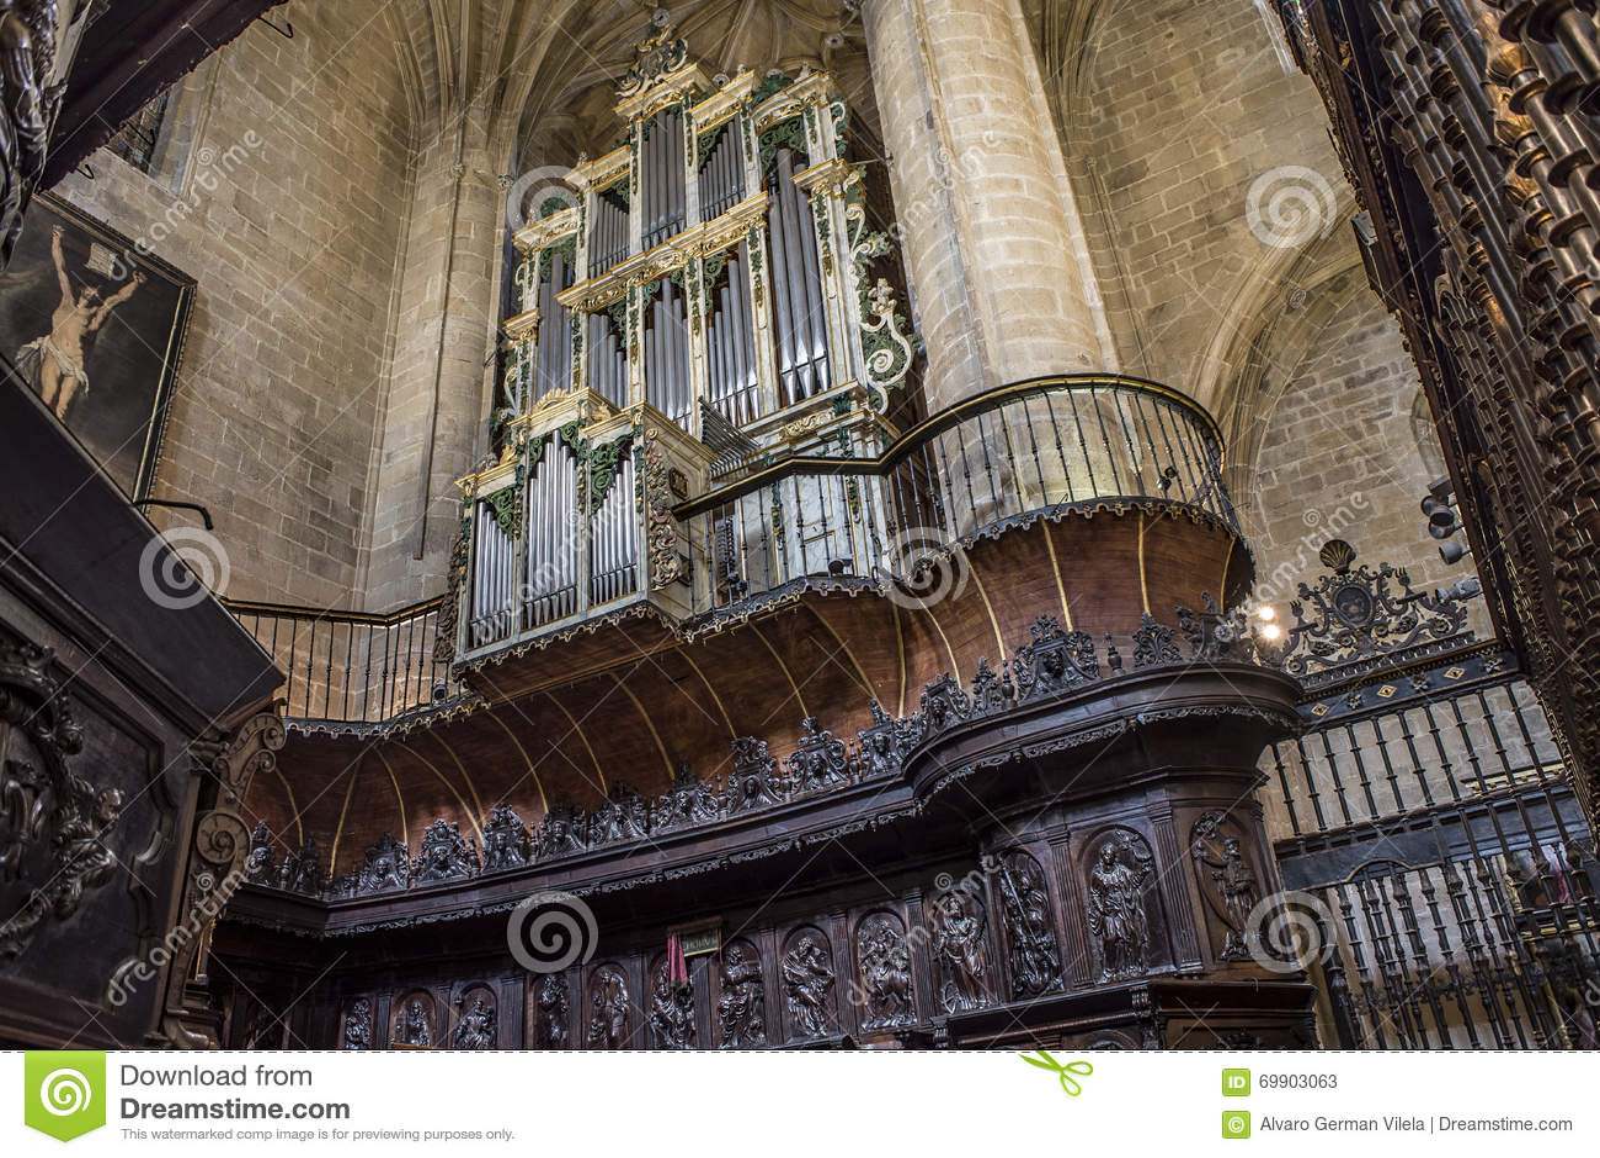 Co kathedraal van santa maria de la redonda van logro o for Santa maria jewelry company